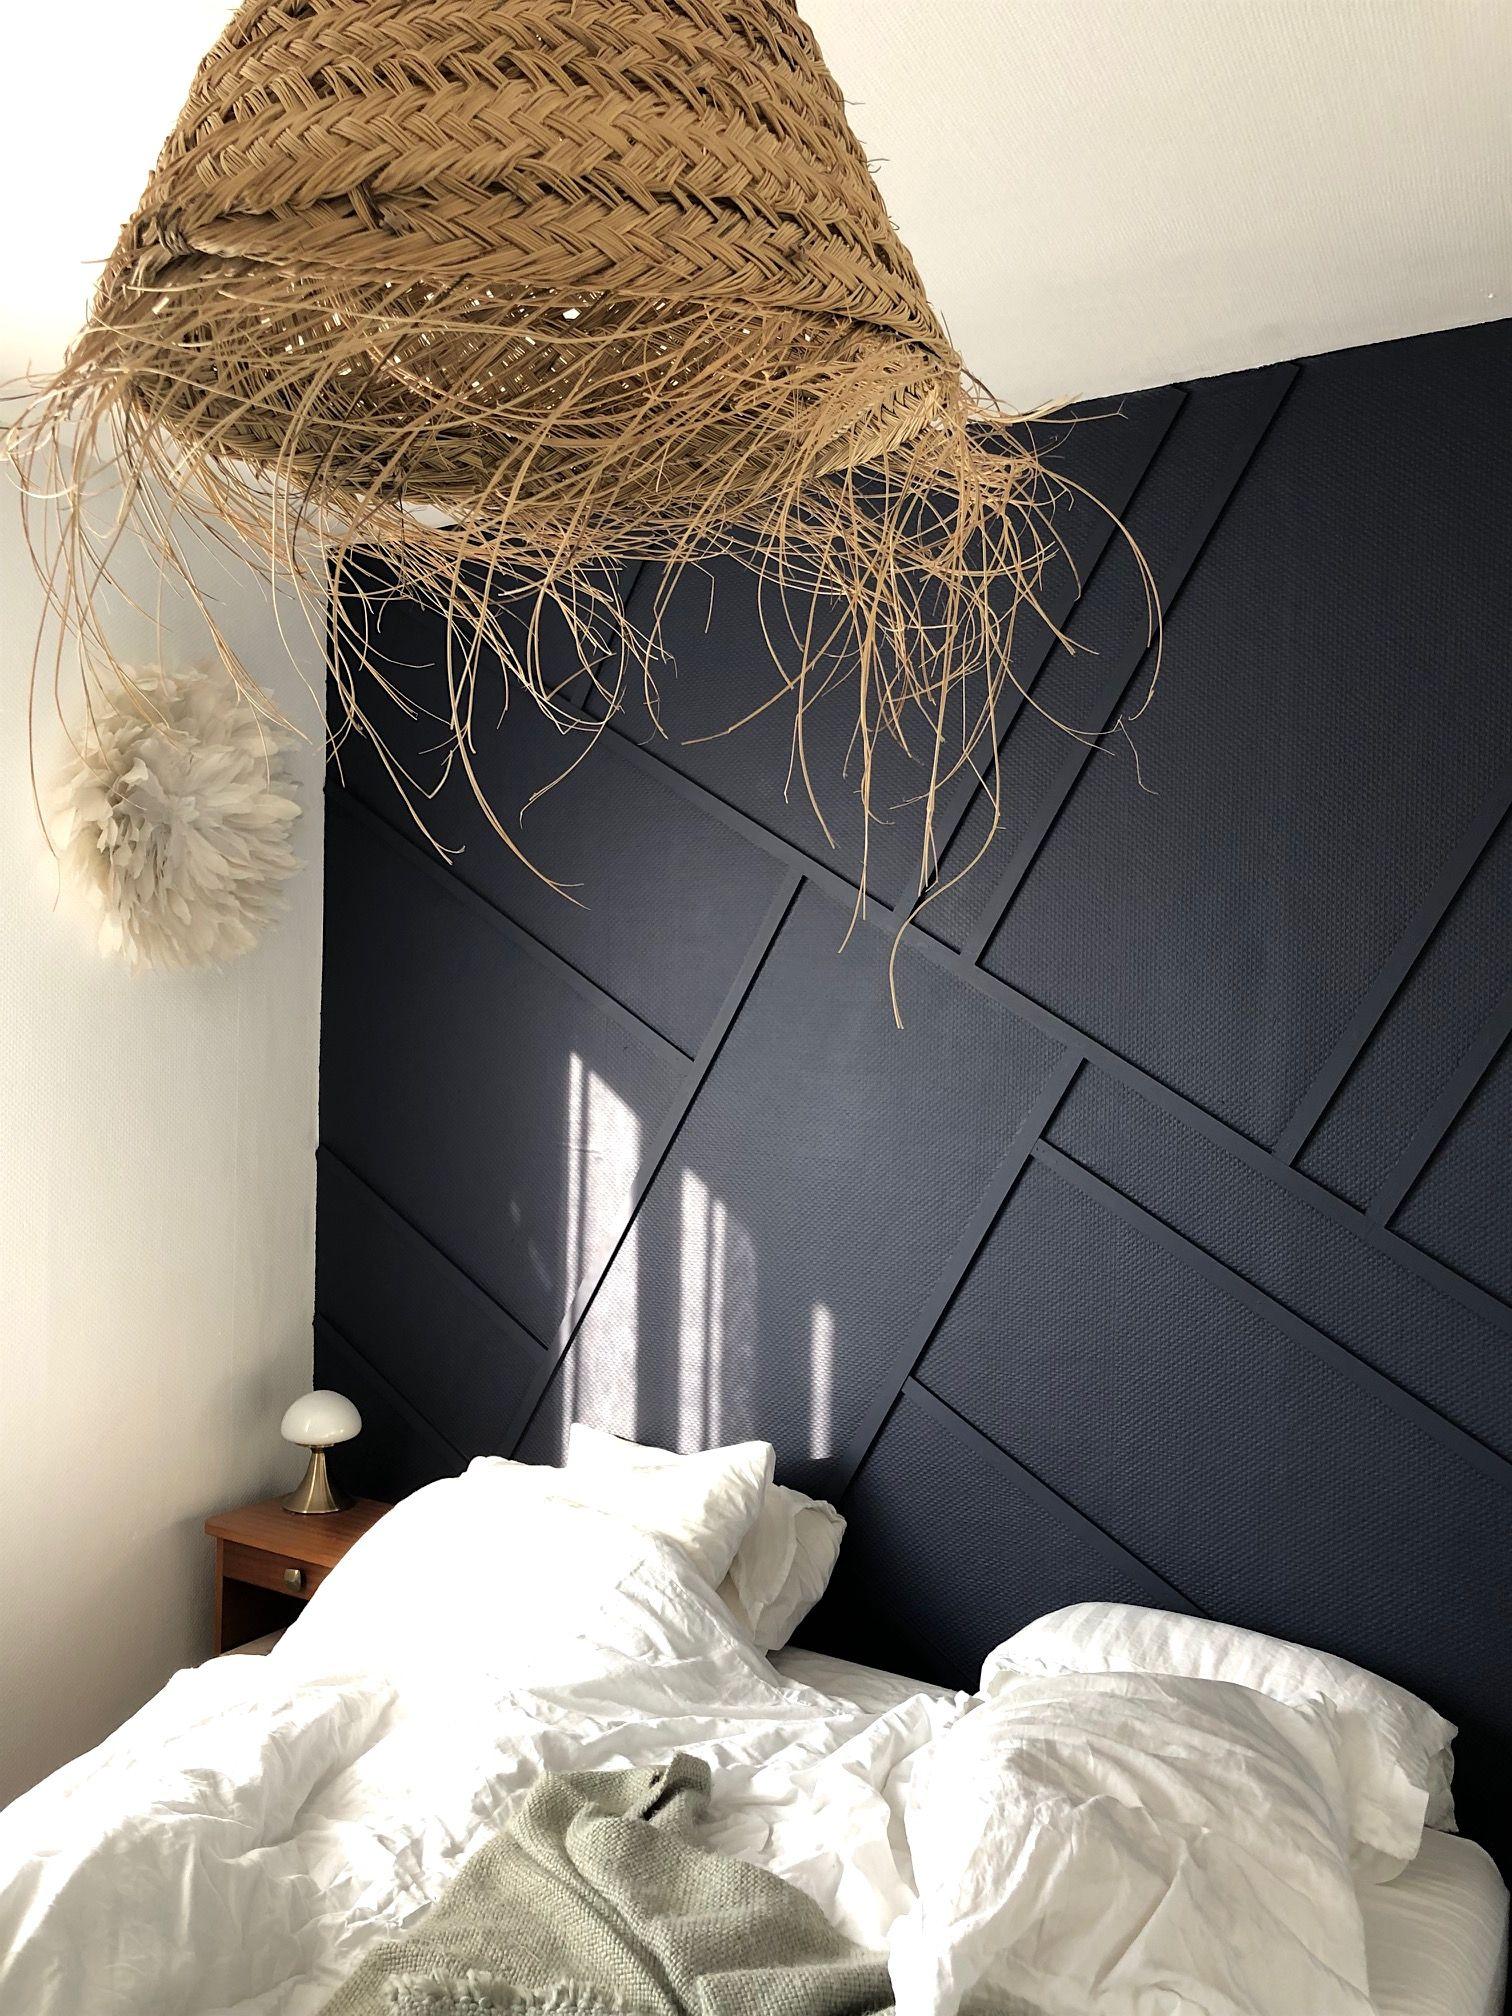 Epingle Par Mery Sol Sur Huequito Decoration Mur Chambre Tete De Lit Tasseau